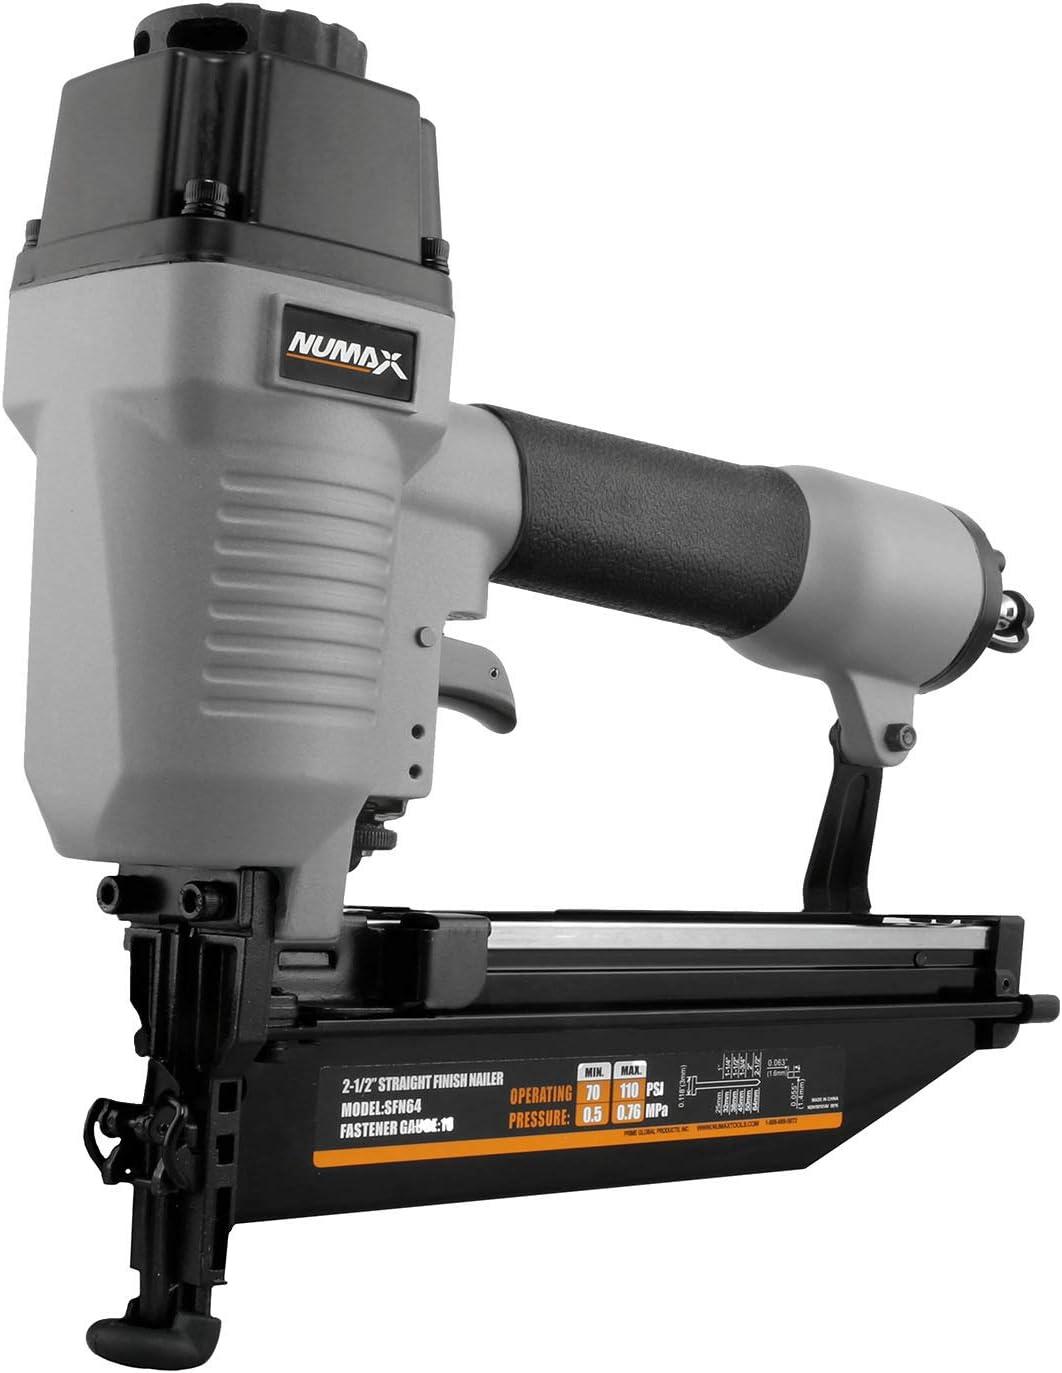 NuMax SFN64 Straight Pneumatic Nailer 2-1/2″ Lightweight